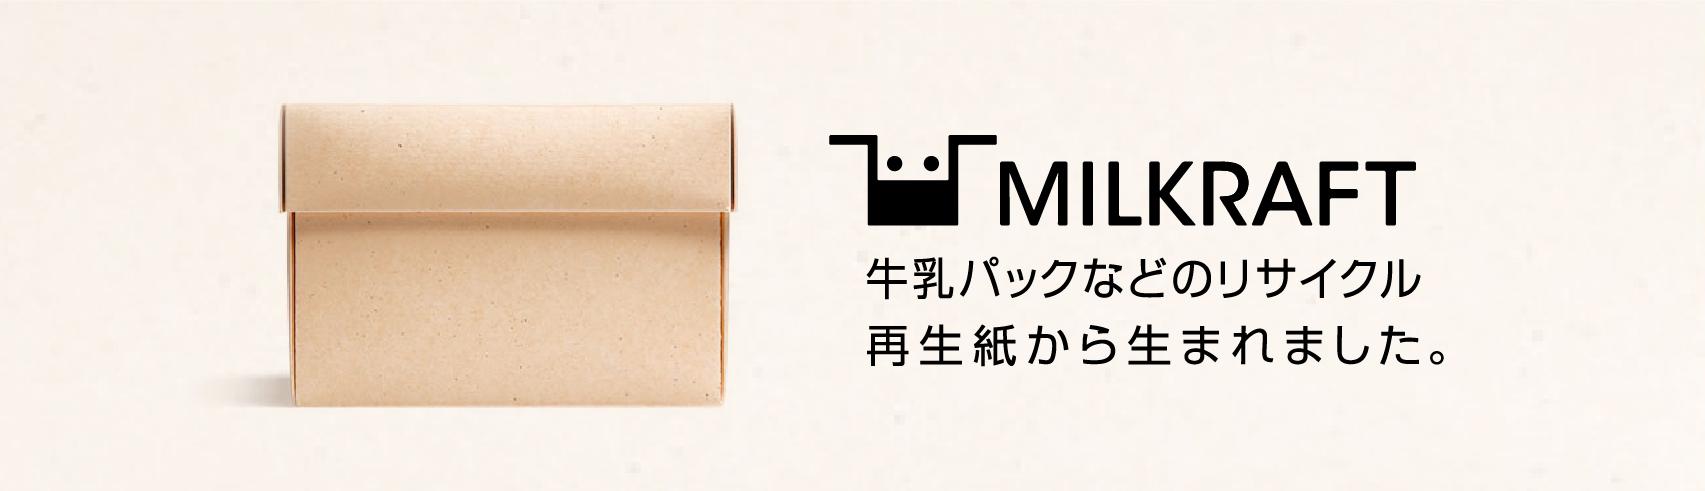 MILKRAFT 牛乳パックなどのリサイクル再生紙から生まれました。